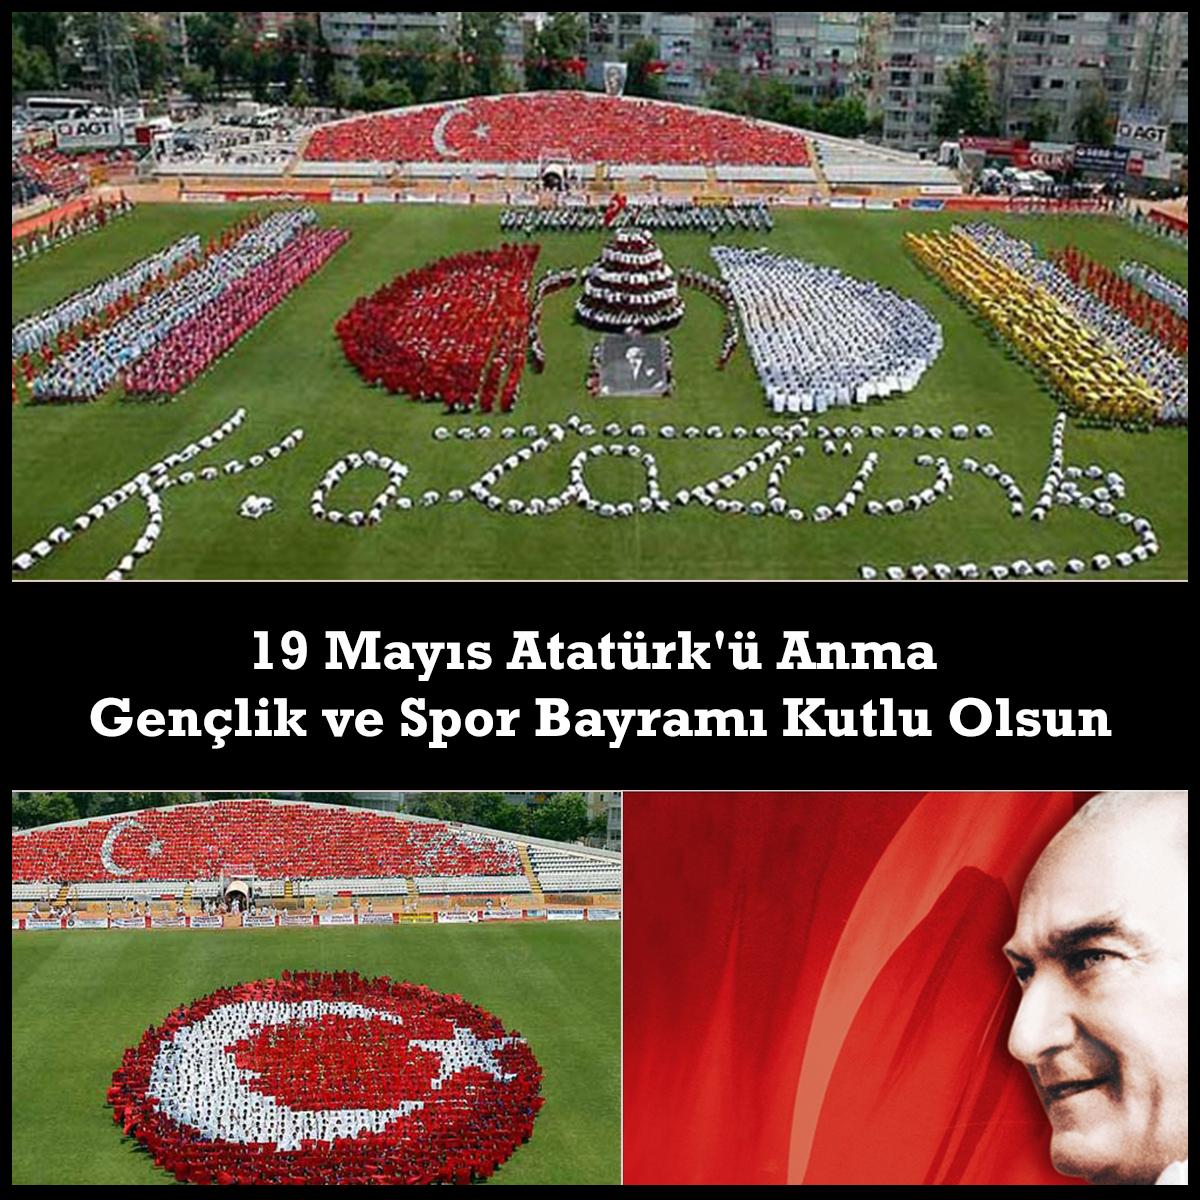 19 Mayıs Atatürk'ü Anma Gençlik Ve Spor Bayramımız Kutlu